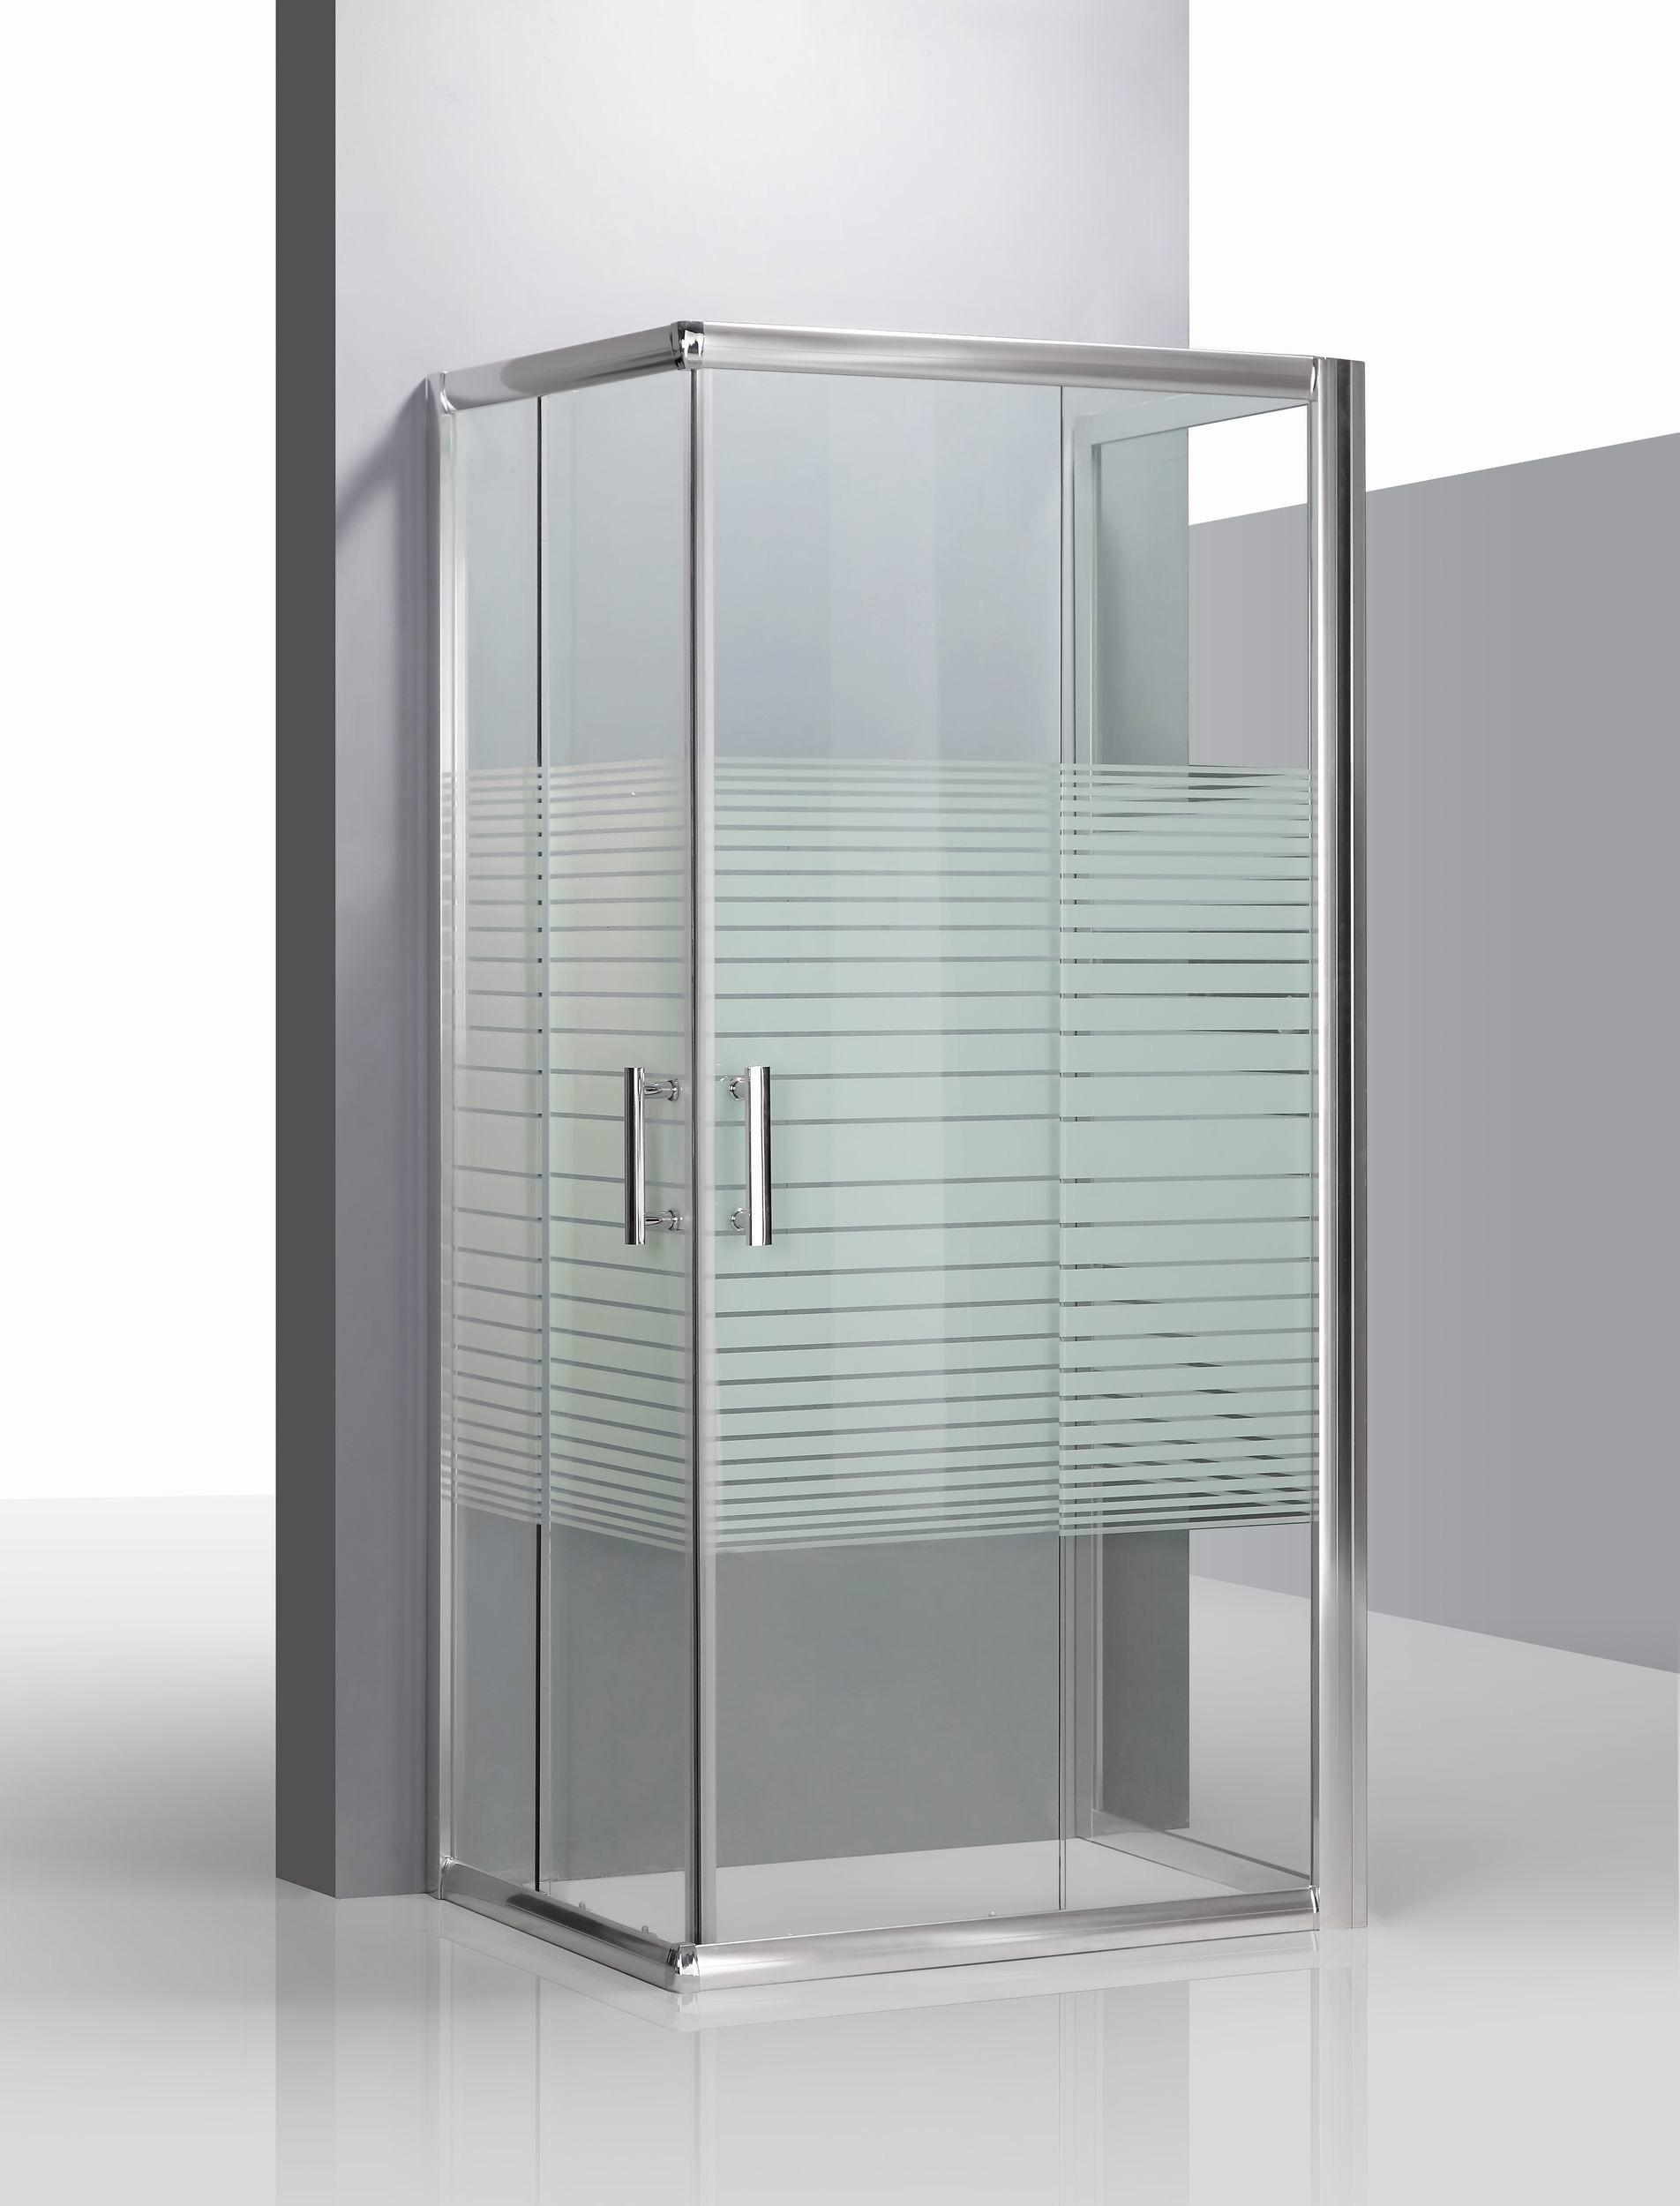 Box doccia da centro stanza cristallo temperato 6 mm for Pannelli doccia bricoman